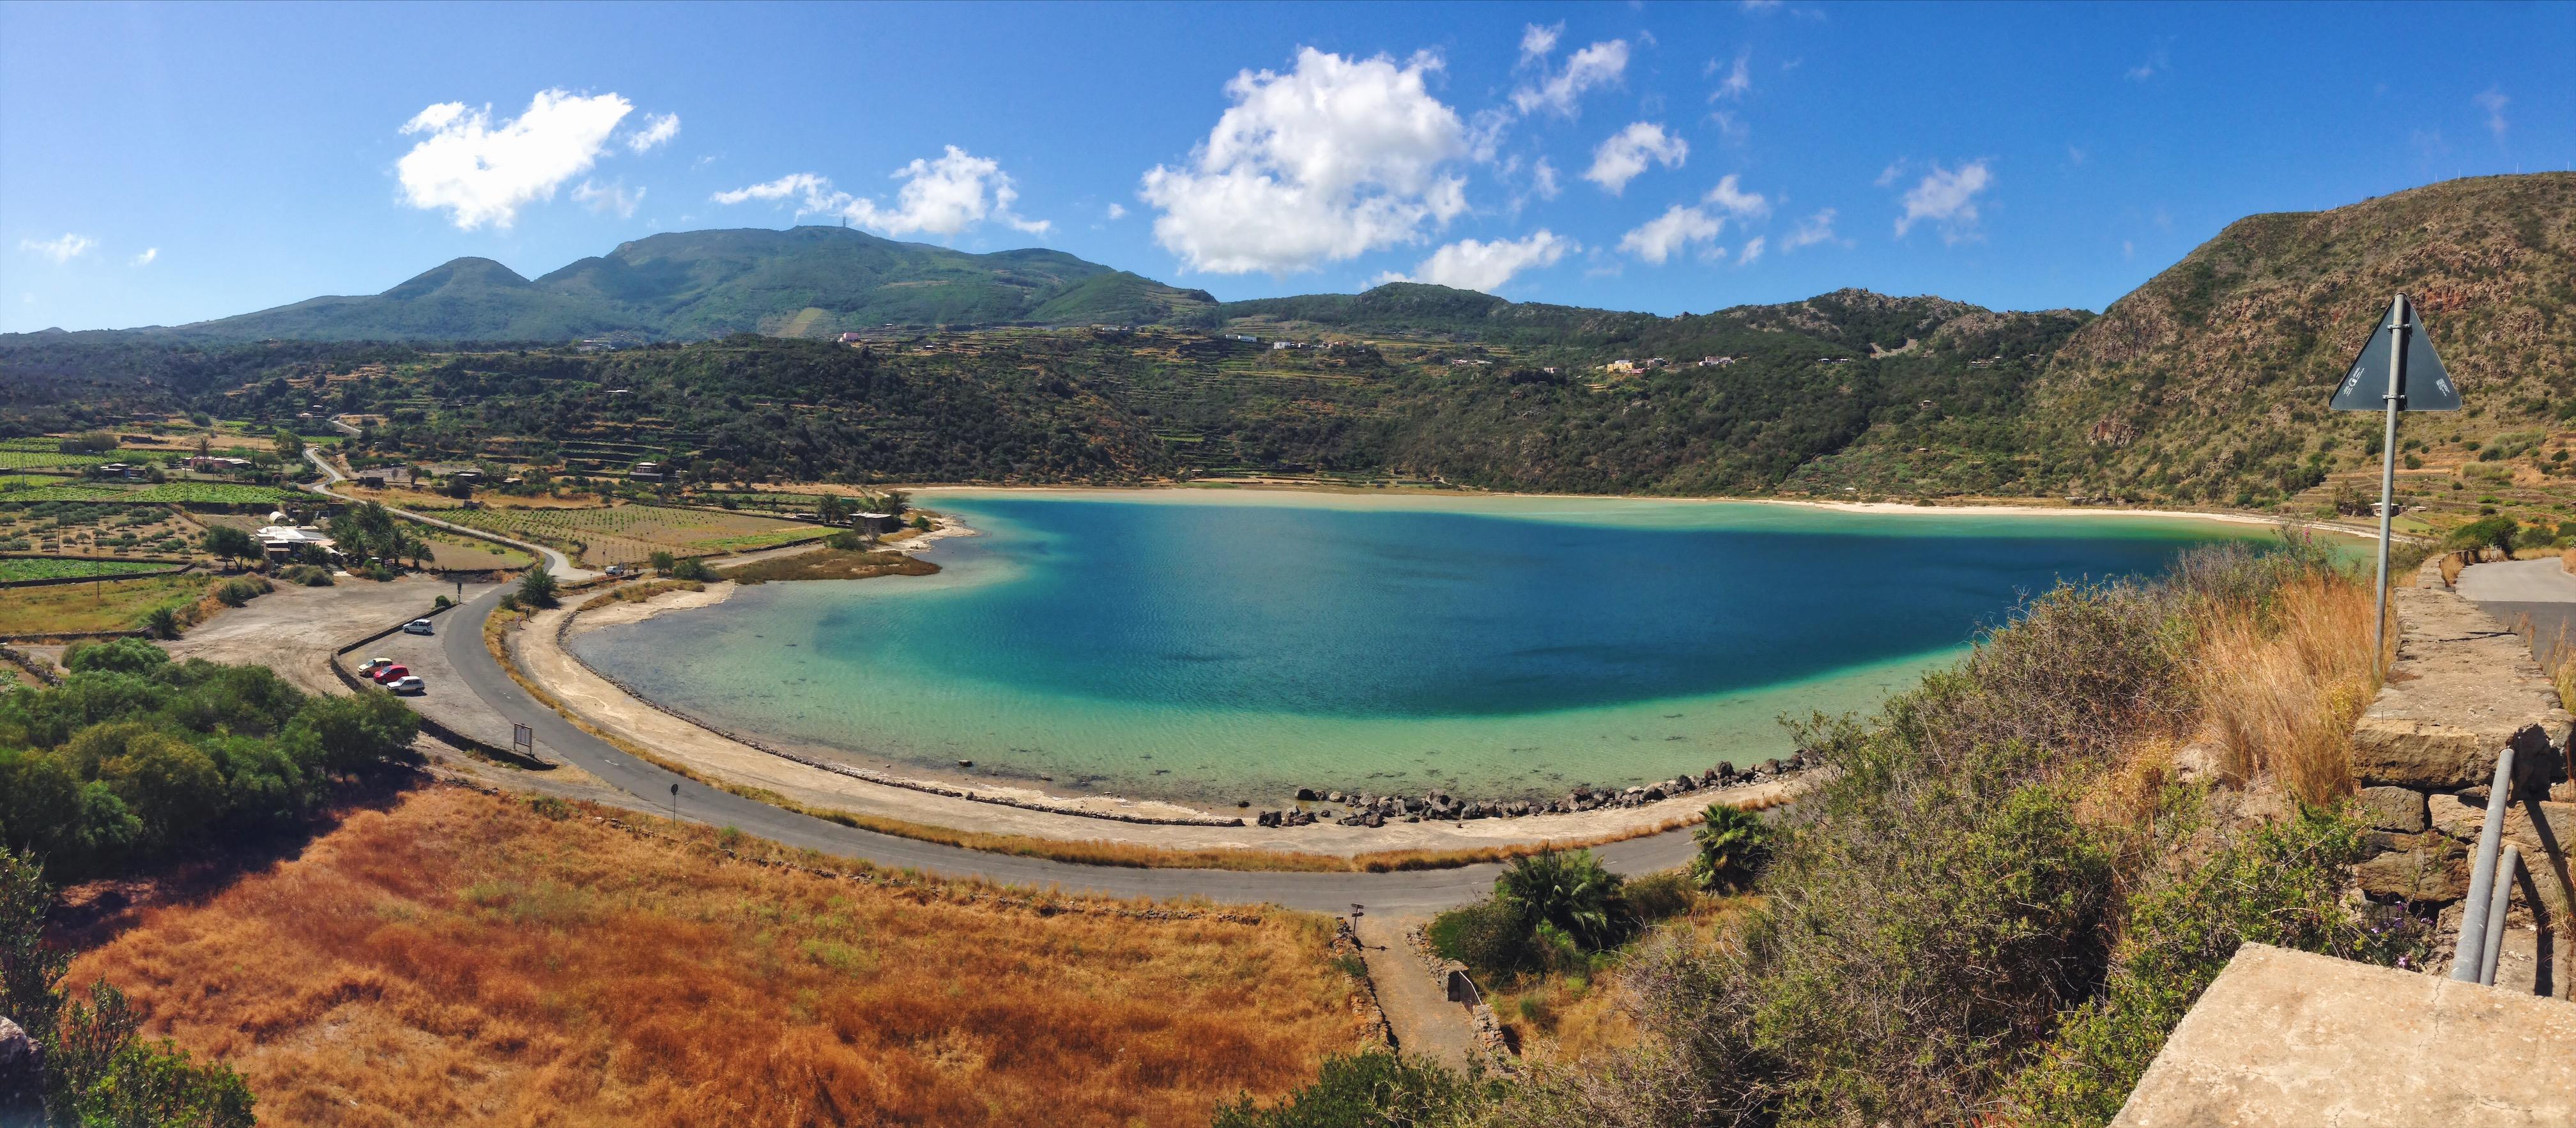 Lo Specchio di Venere e le sue acque verdazzurre opalescenti - Cosa vedere (e cosa assaggiare) in una settimana a Pantelleria